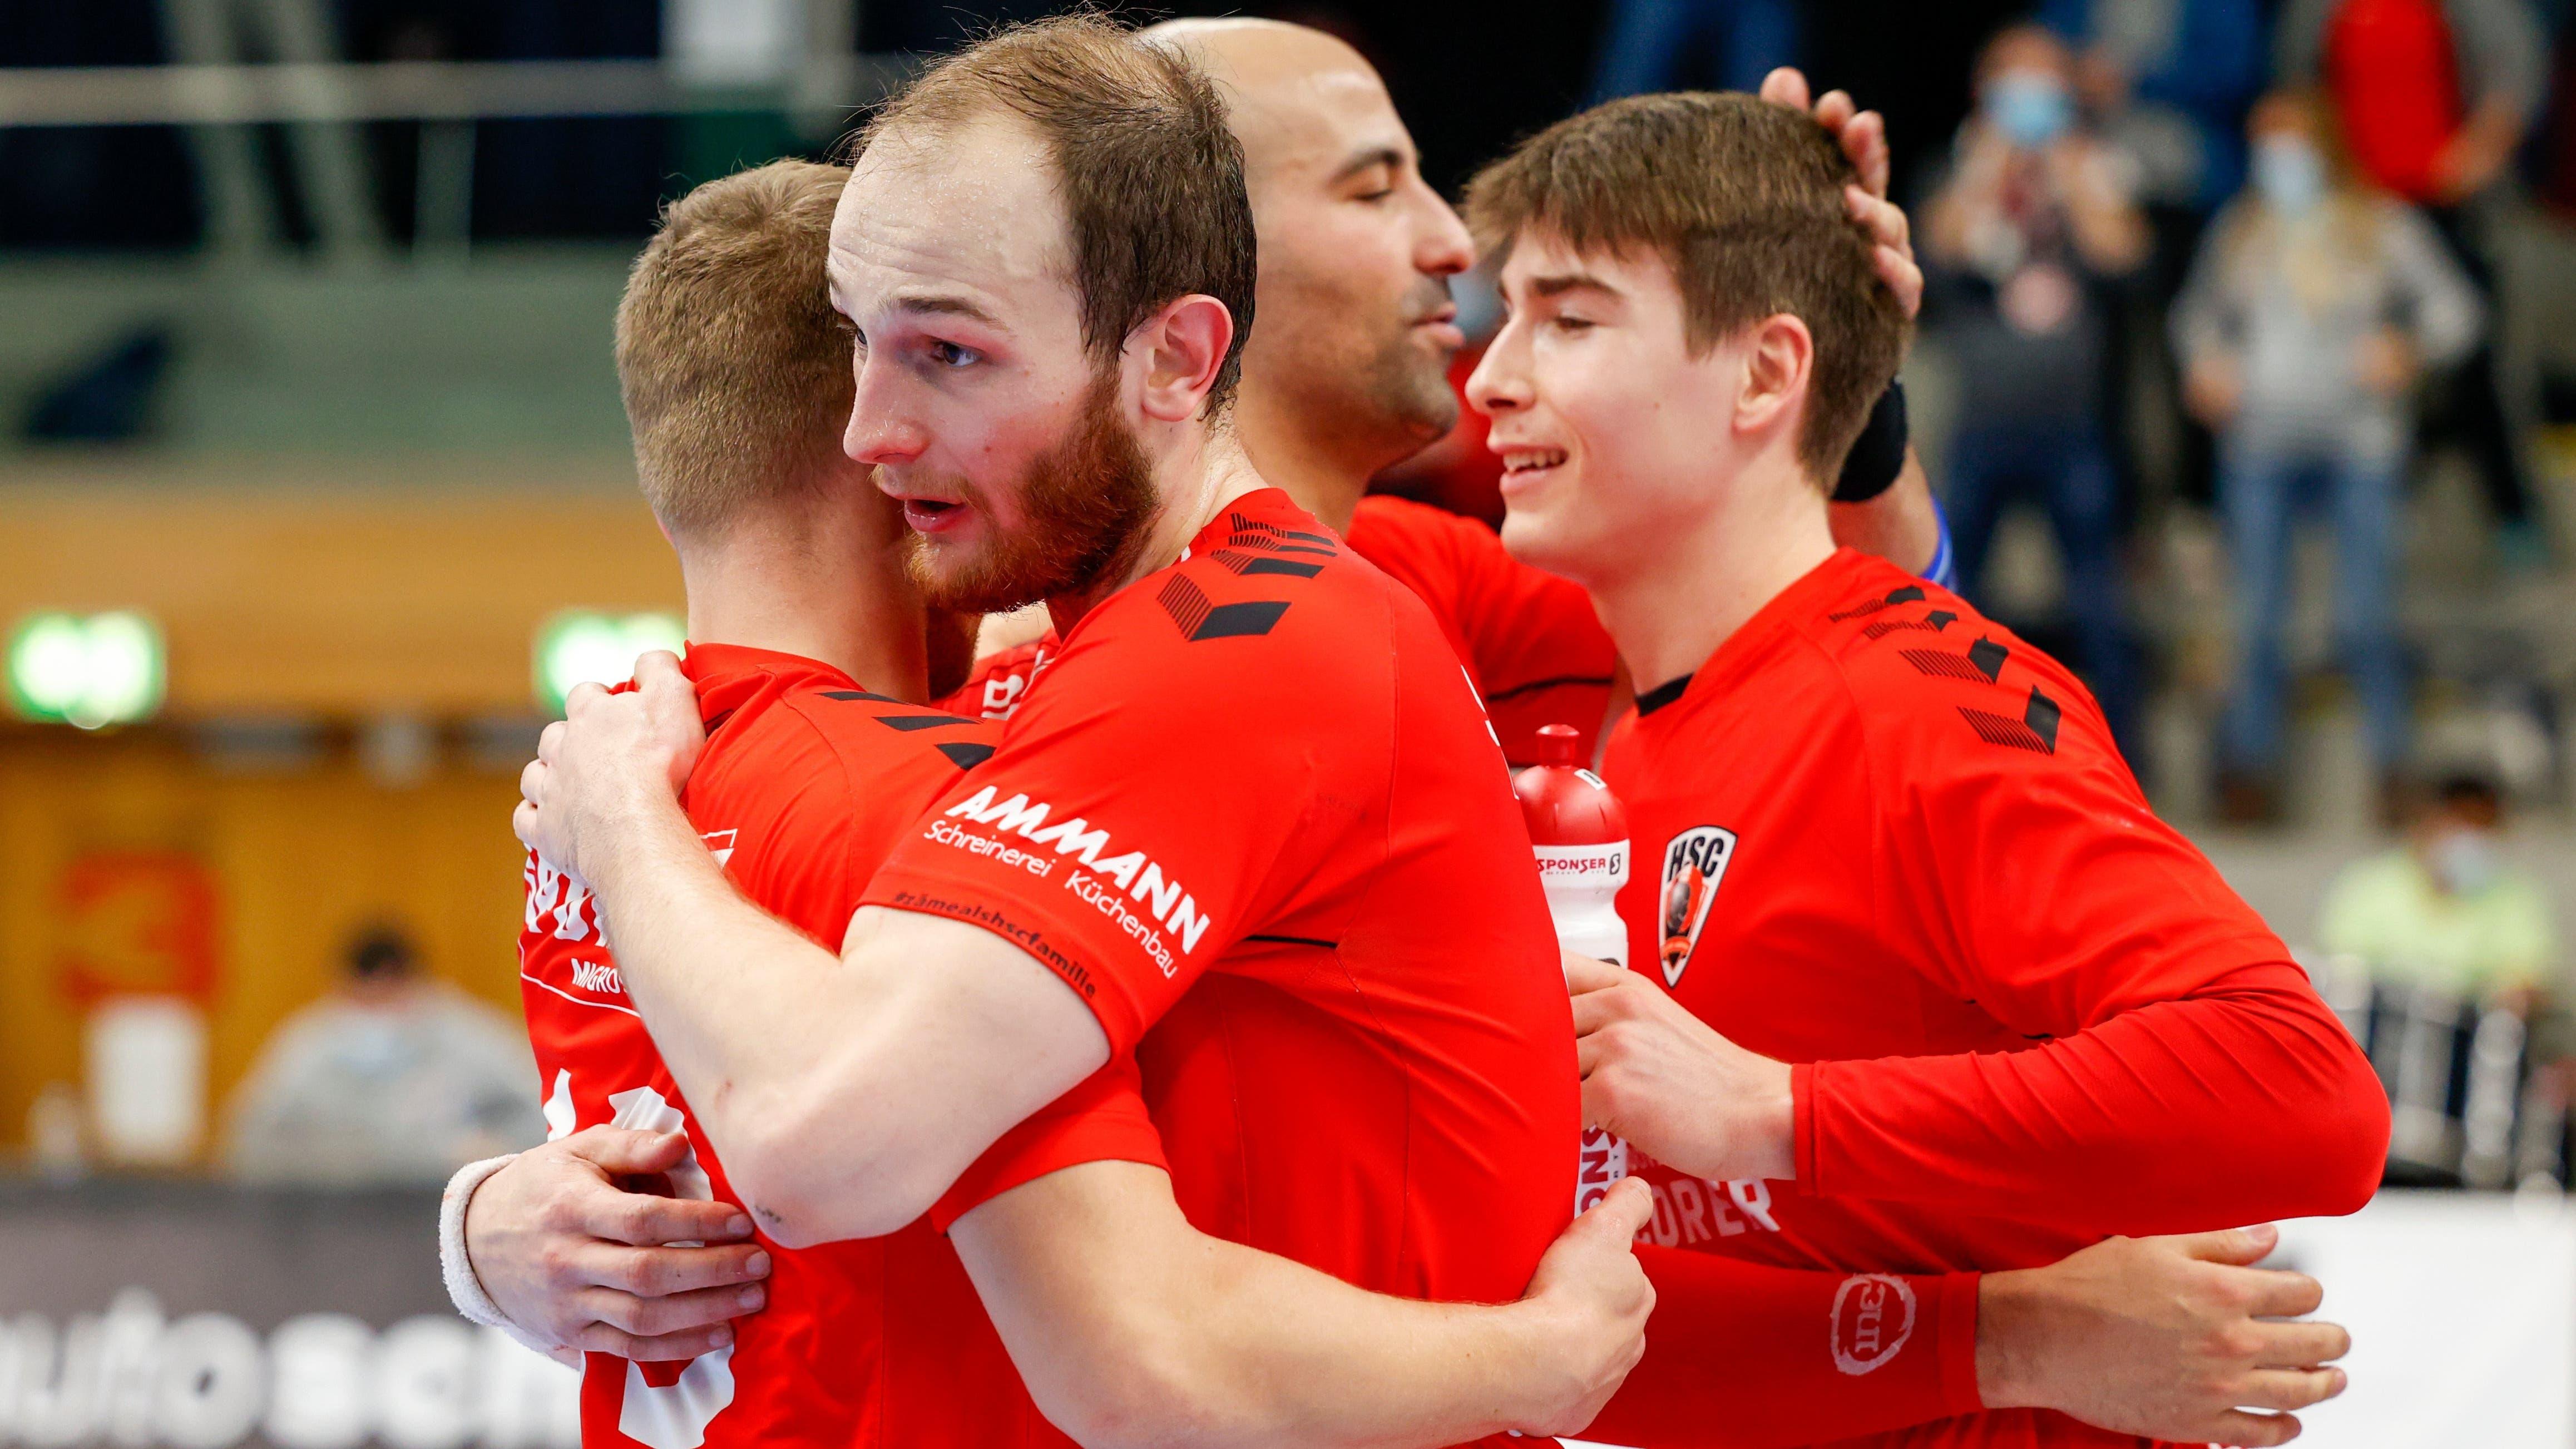 HSC-Co-Captain Tim Aufdenblatten (vorne) und seine Teamkollegen bejubeln den deutlichen 24:13-Sieg gegen den BSV Bern.